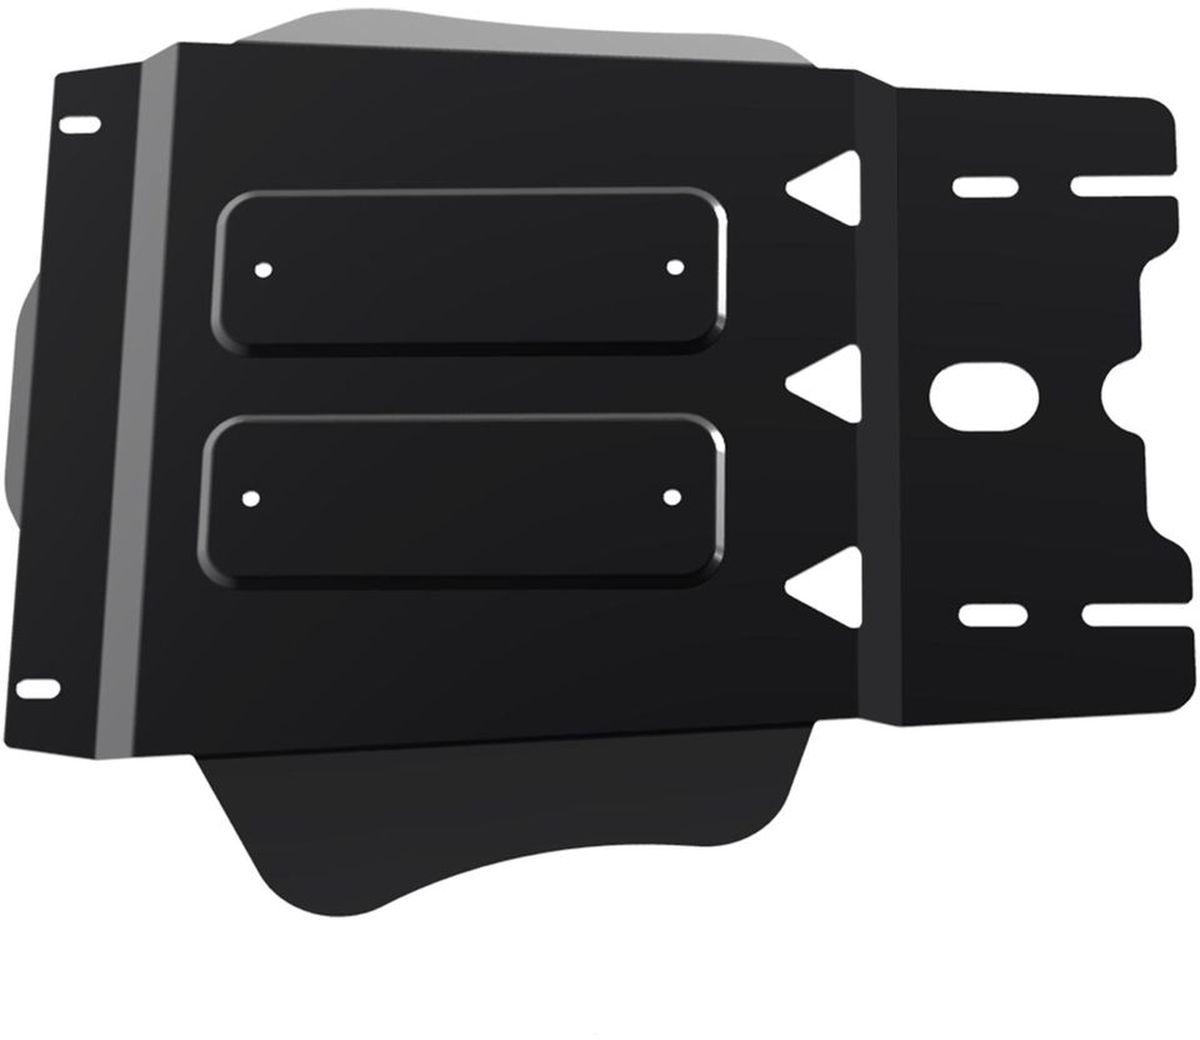 Защита КПП Автоброня Subaru Forester 2003-2008, сталь 2 мм111.05416.1Защита КПП Автоброня Subaru Forester АКП, V-2,0 2003-2008, сталь 2 мм, комплект крепежа, 111.05416.1Дополнительно можно приобрести другие защитные элементы из комплекта: защита картера - 111.05415.1Стальные защиты Автоброня надежно защищают ваш автомобиль от повреждений при наезде на бордюры, выступающие канализационные люки, кромки поврежденного асфальта или при ремонте дорог, не говоря уже о загородных дорогах.- Имеют оптимальное соотношение цена-качество.- Спроектированы с учетом особенностей автомобиля, что делает установку удобной.- Защита устанавливается в штатные места кузова автомобиля.- Является надежной защитой для важных элементов на протяжении долгих лет.- Глубокий штамп дополнительно усиливает конструкцию защиты.- Подштамповка в местах крепления защищает крепеж от срезания.- Технологические отверстия там, где они необходимы для смены масла и слива воды, оборудованные заглушками, закрепленными на защите.Толщина стали 2 мм.В комплекте крепеж и инструкция по установке.Уважаемые клиенты!Обращаем ваше внимание на тот факт, что защита имеет форму, соответствующую модели данного автомобиля. Наличие глубокого штампа и лючков для смены фильтров/масла предусмотрено не на всех защитах. Фото служит для визуального восприятия товара.